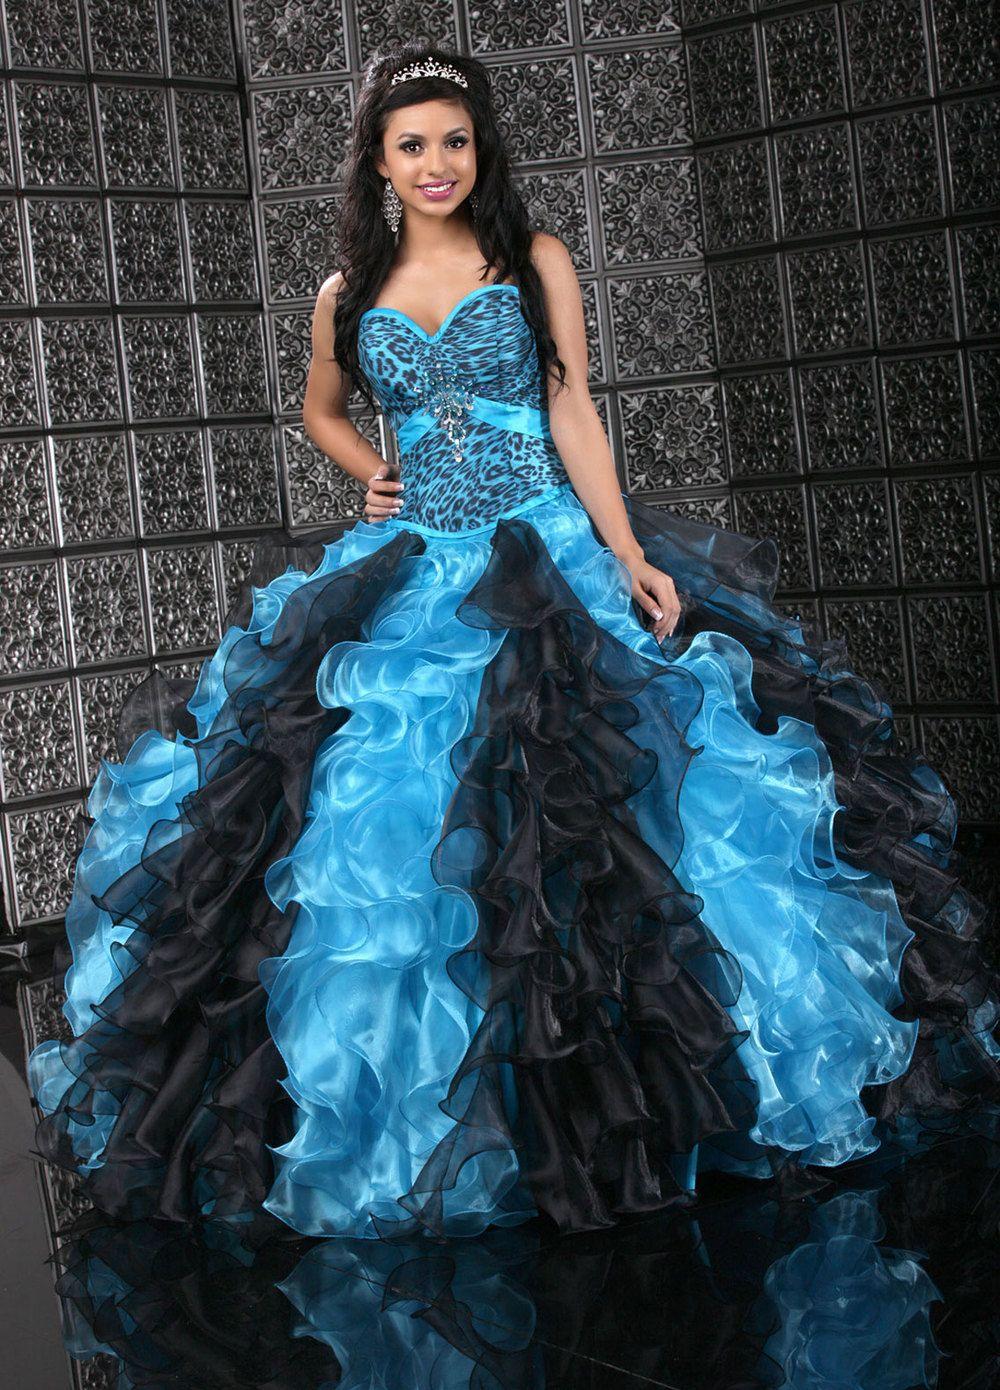 ab7b258a9 vestidos de xv años DE CEBRA COLOR AZUL cristales de color azul y ...